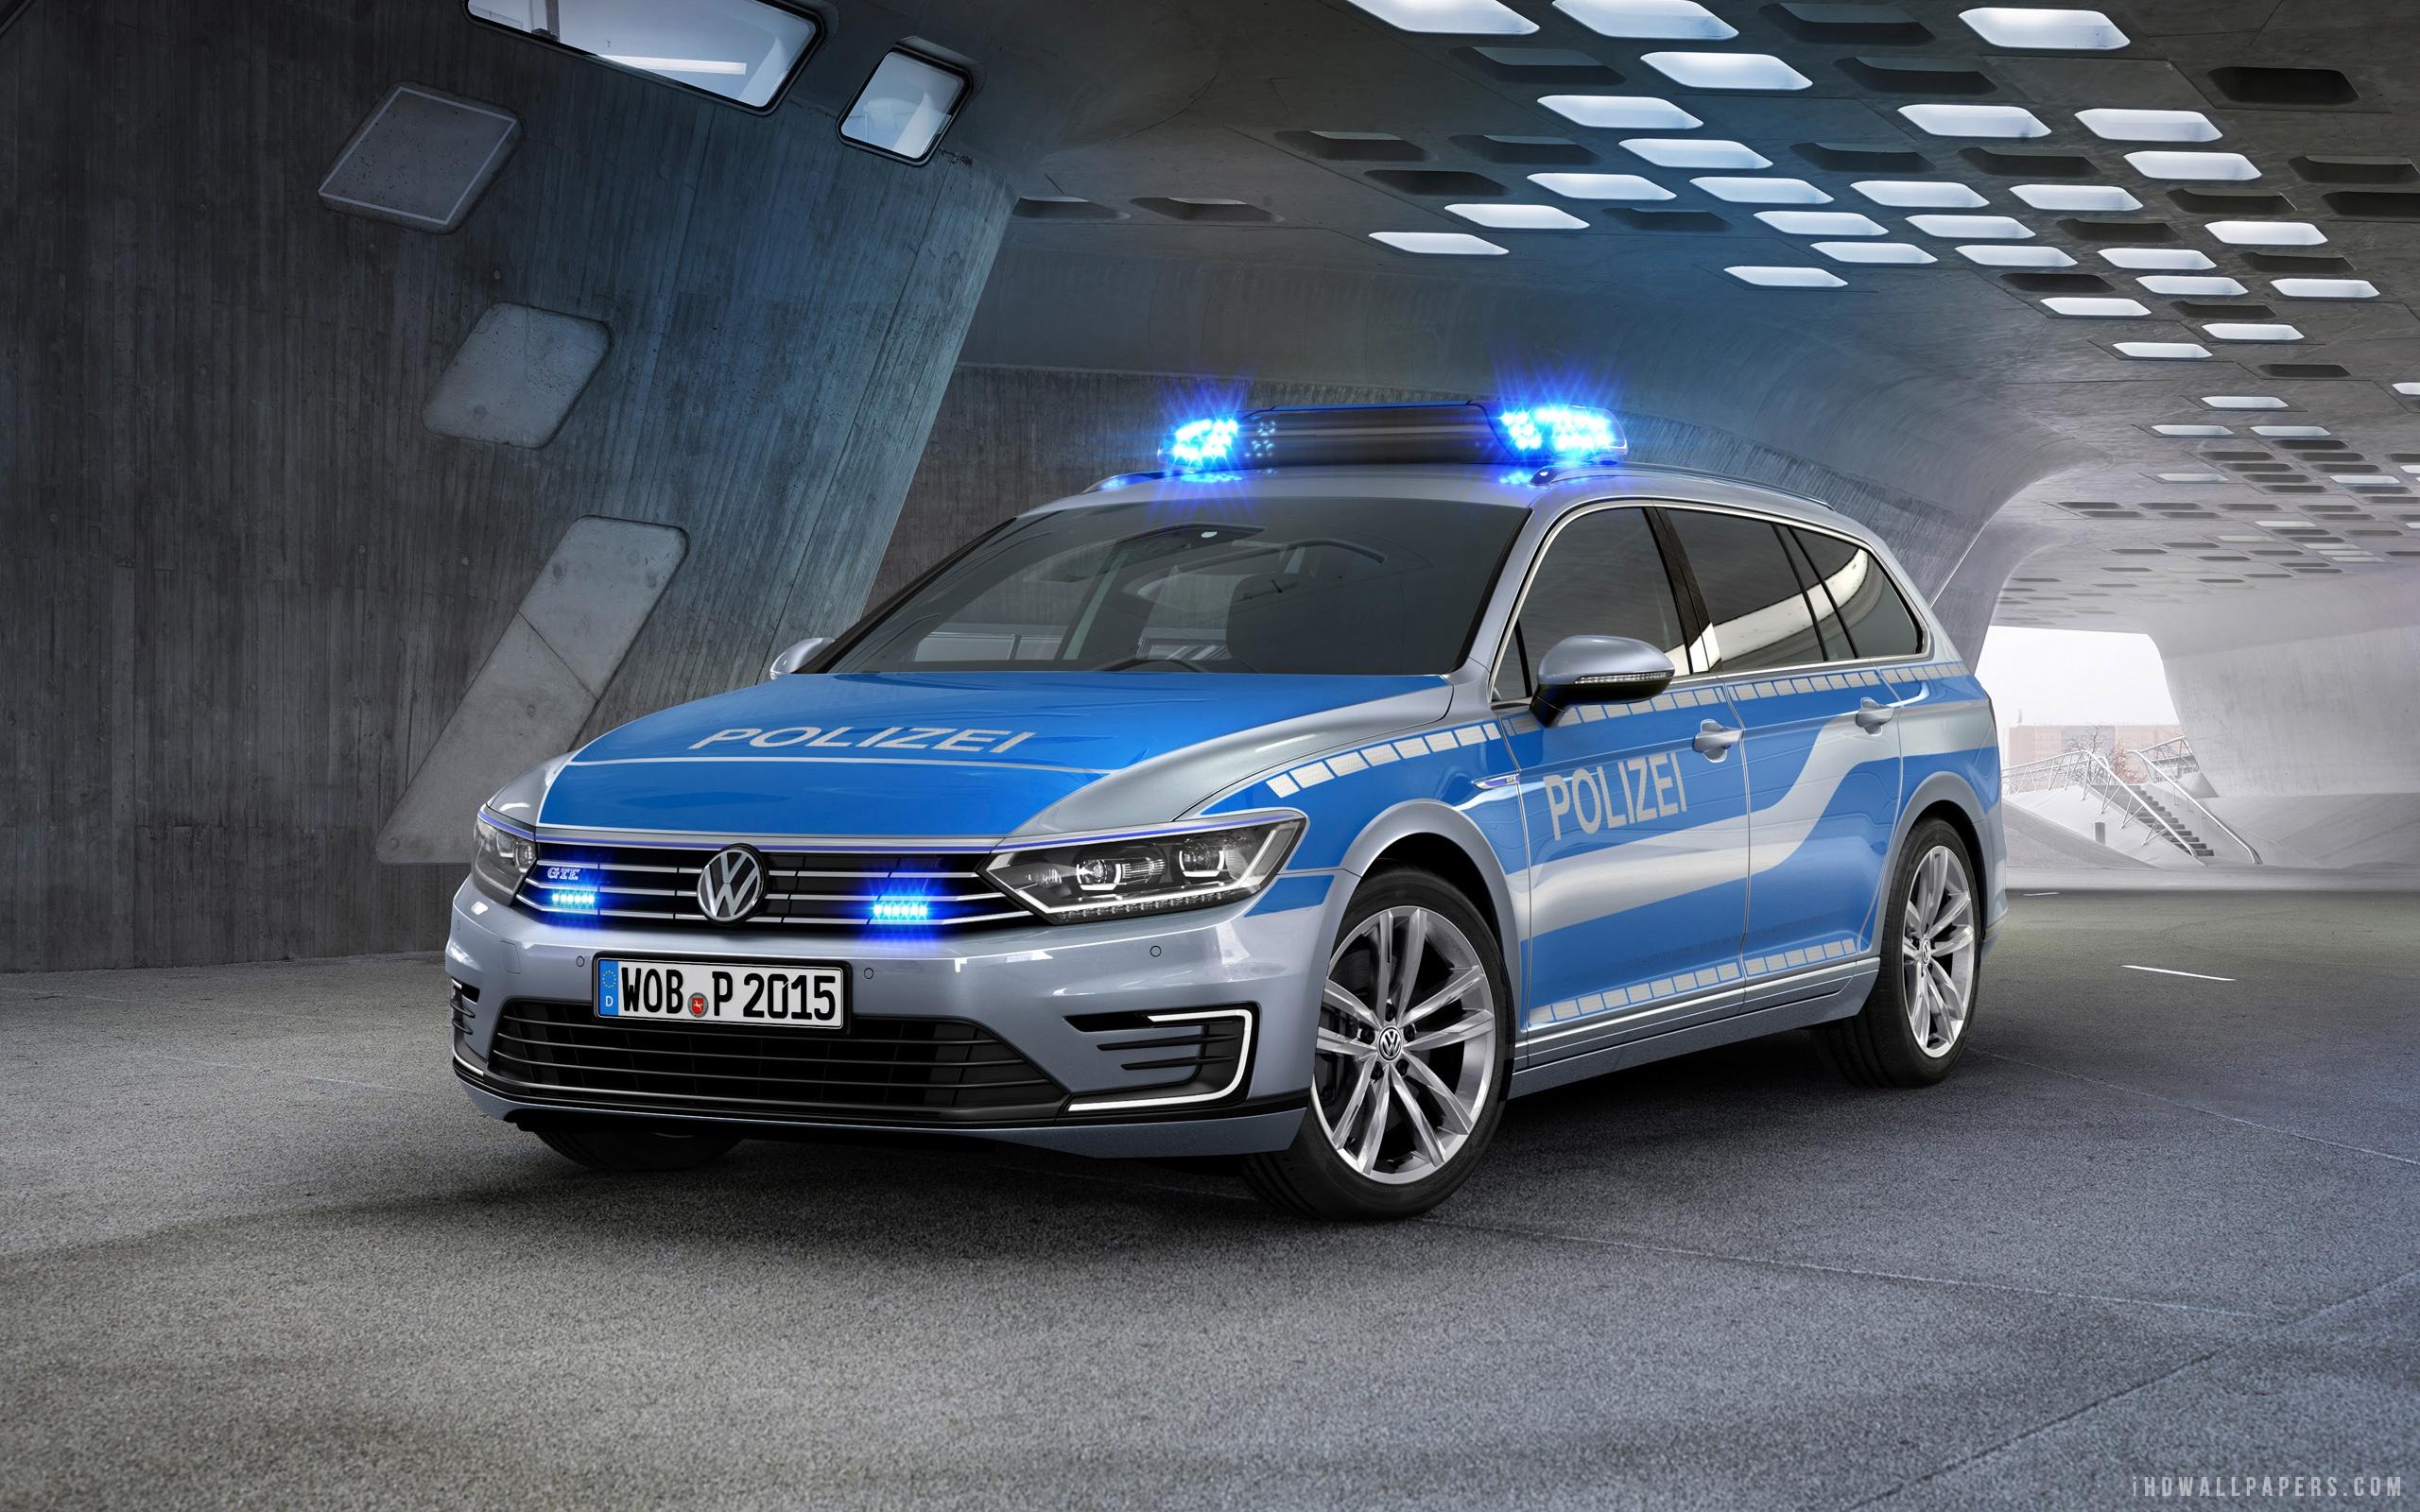 Volkswagen Passat GTE German Police Car HD Wallpaper   iHD Wallpapers 2560x1600